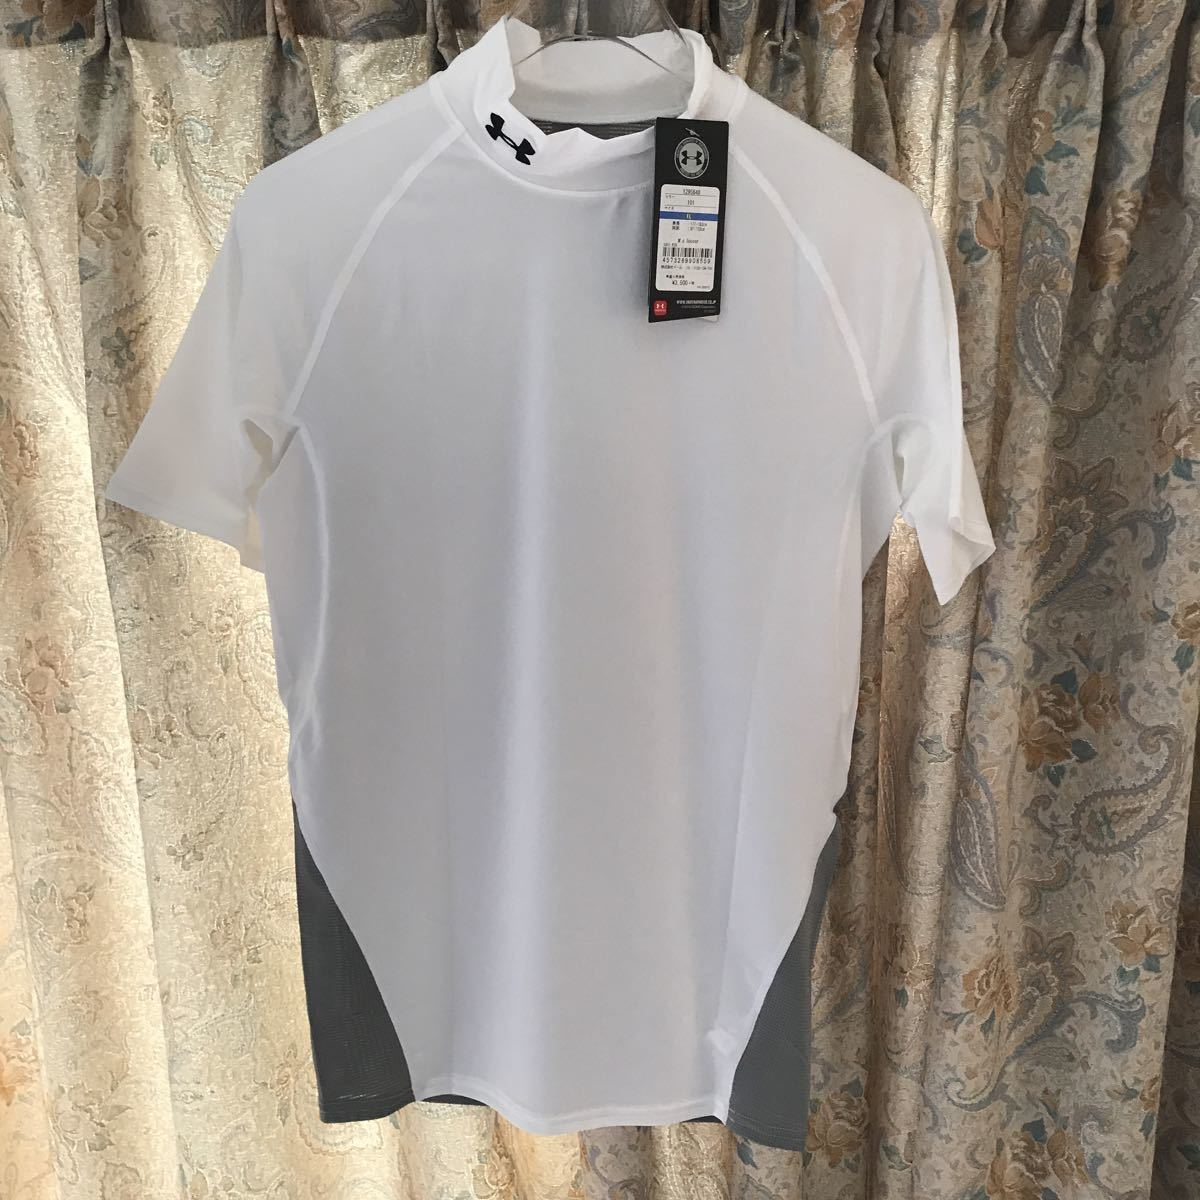 2点新品アンダーアーマー 半袖インナーシャツ ホワイトXLサイズ ヒートギア コンプレッション 野球 サッカー ゴルフ モック ランニング